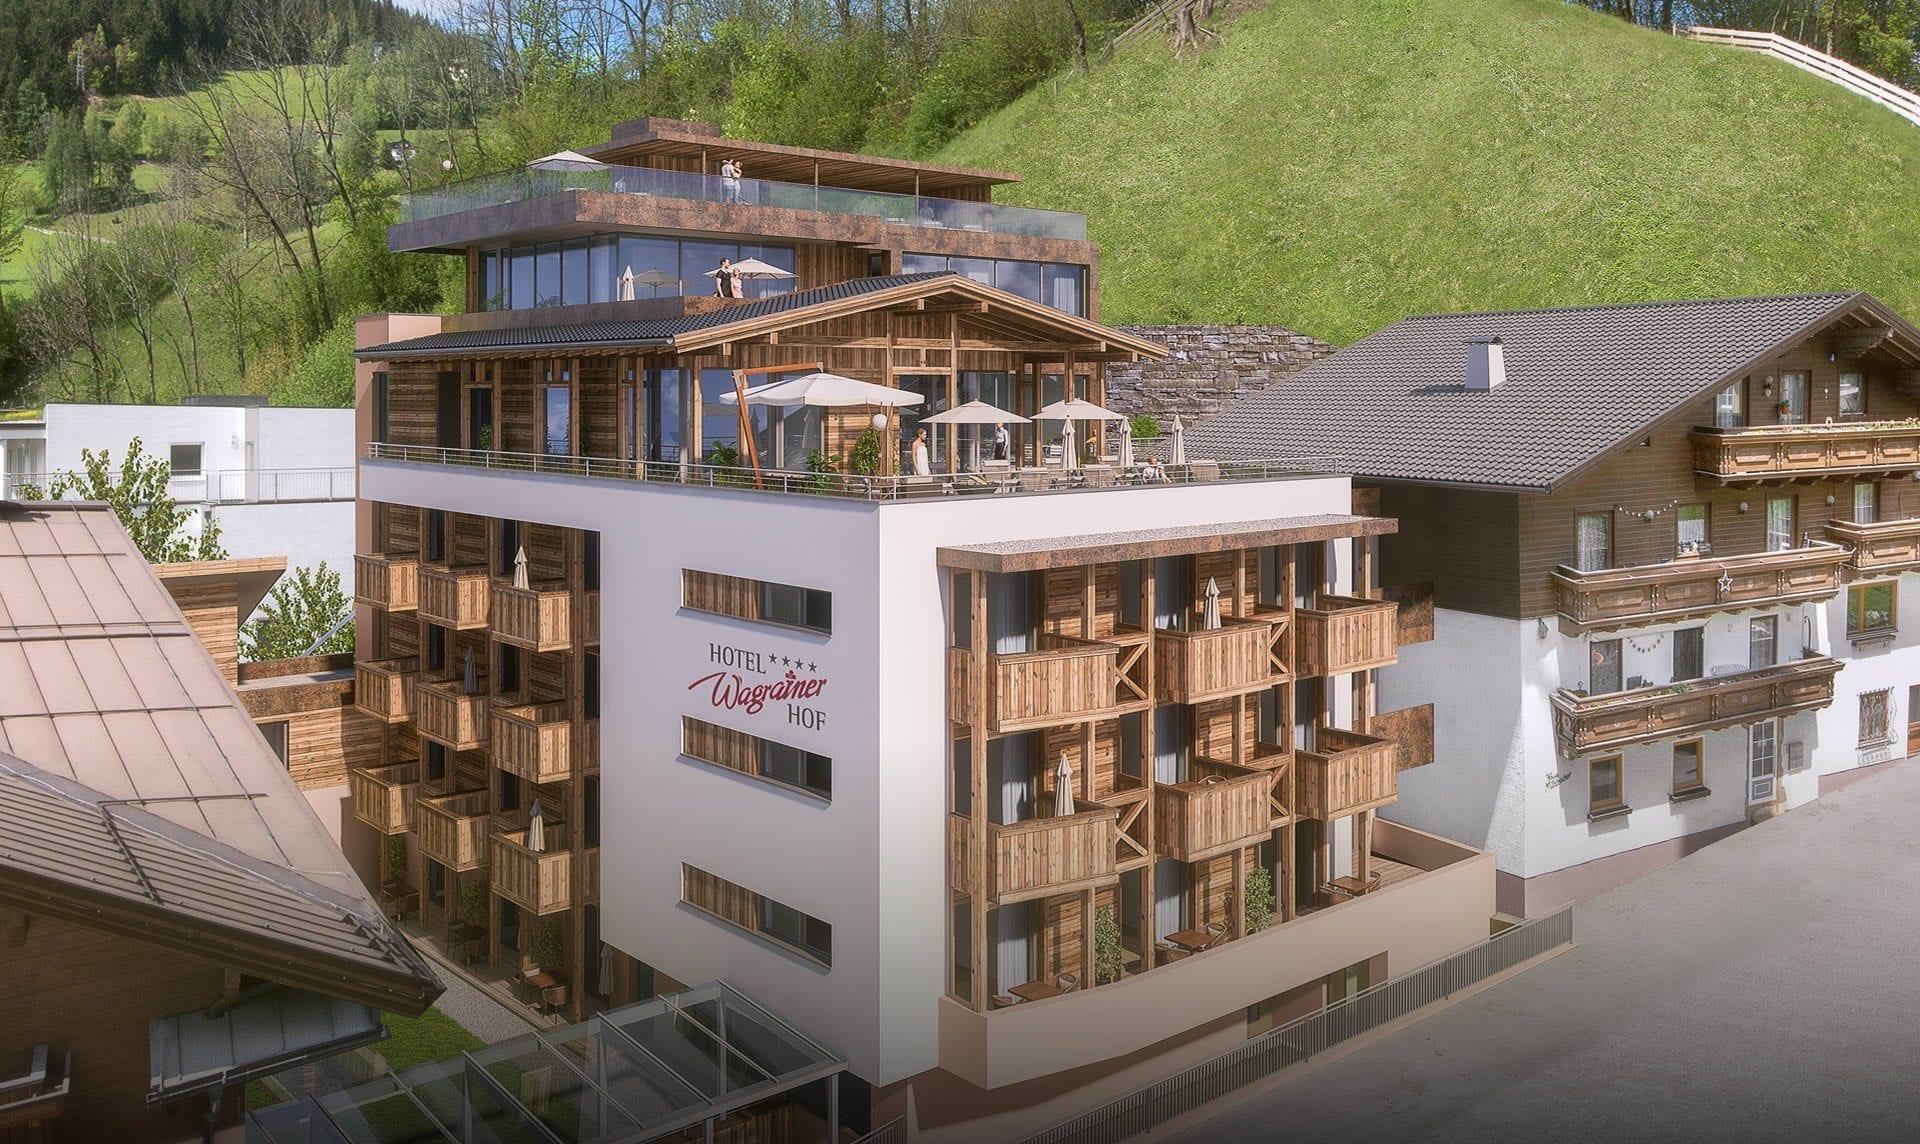 Hotelumbau - 4 Sterne Hotel Wagrainerhof, Wagrain